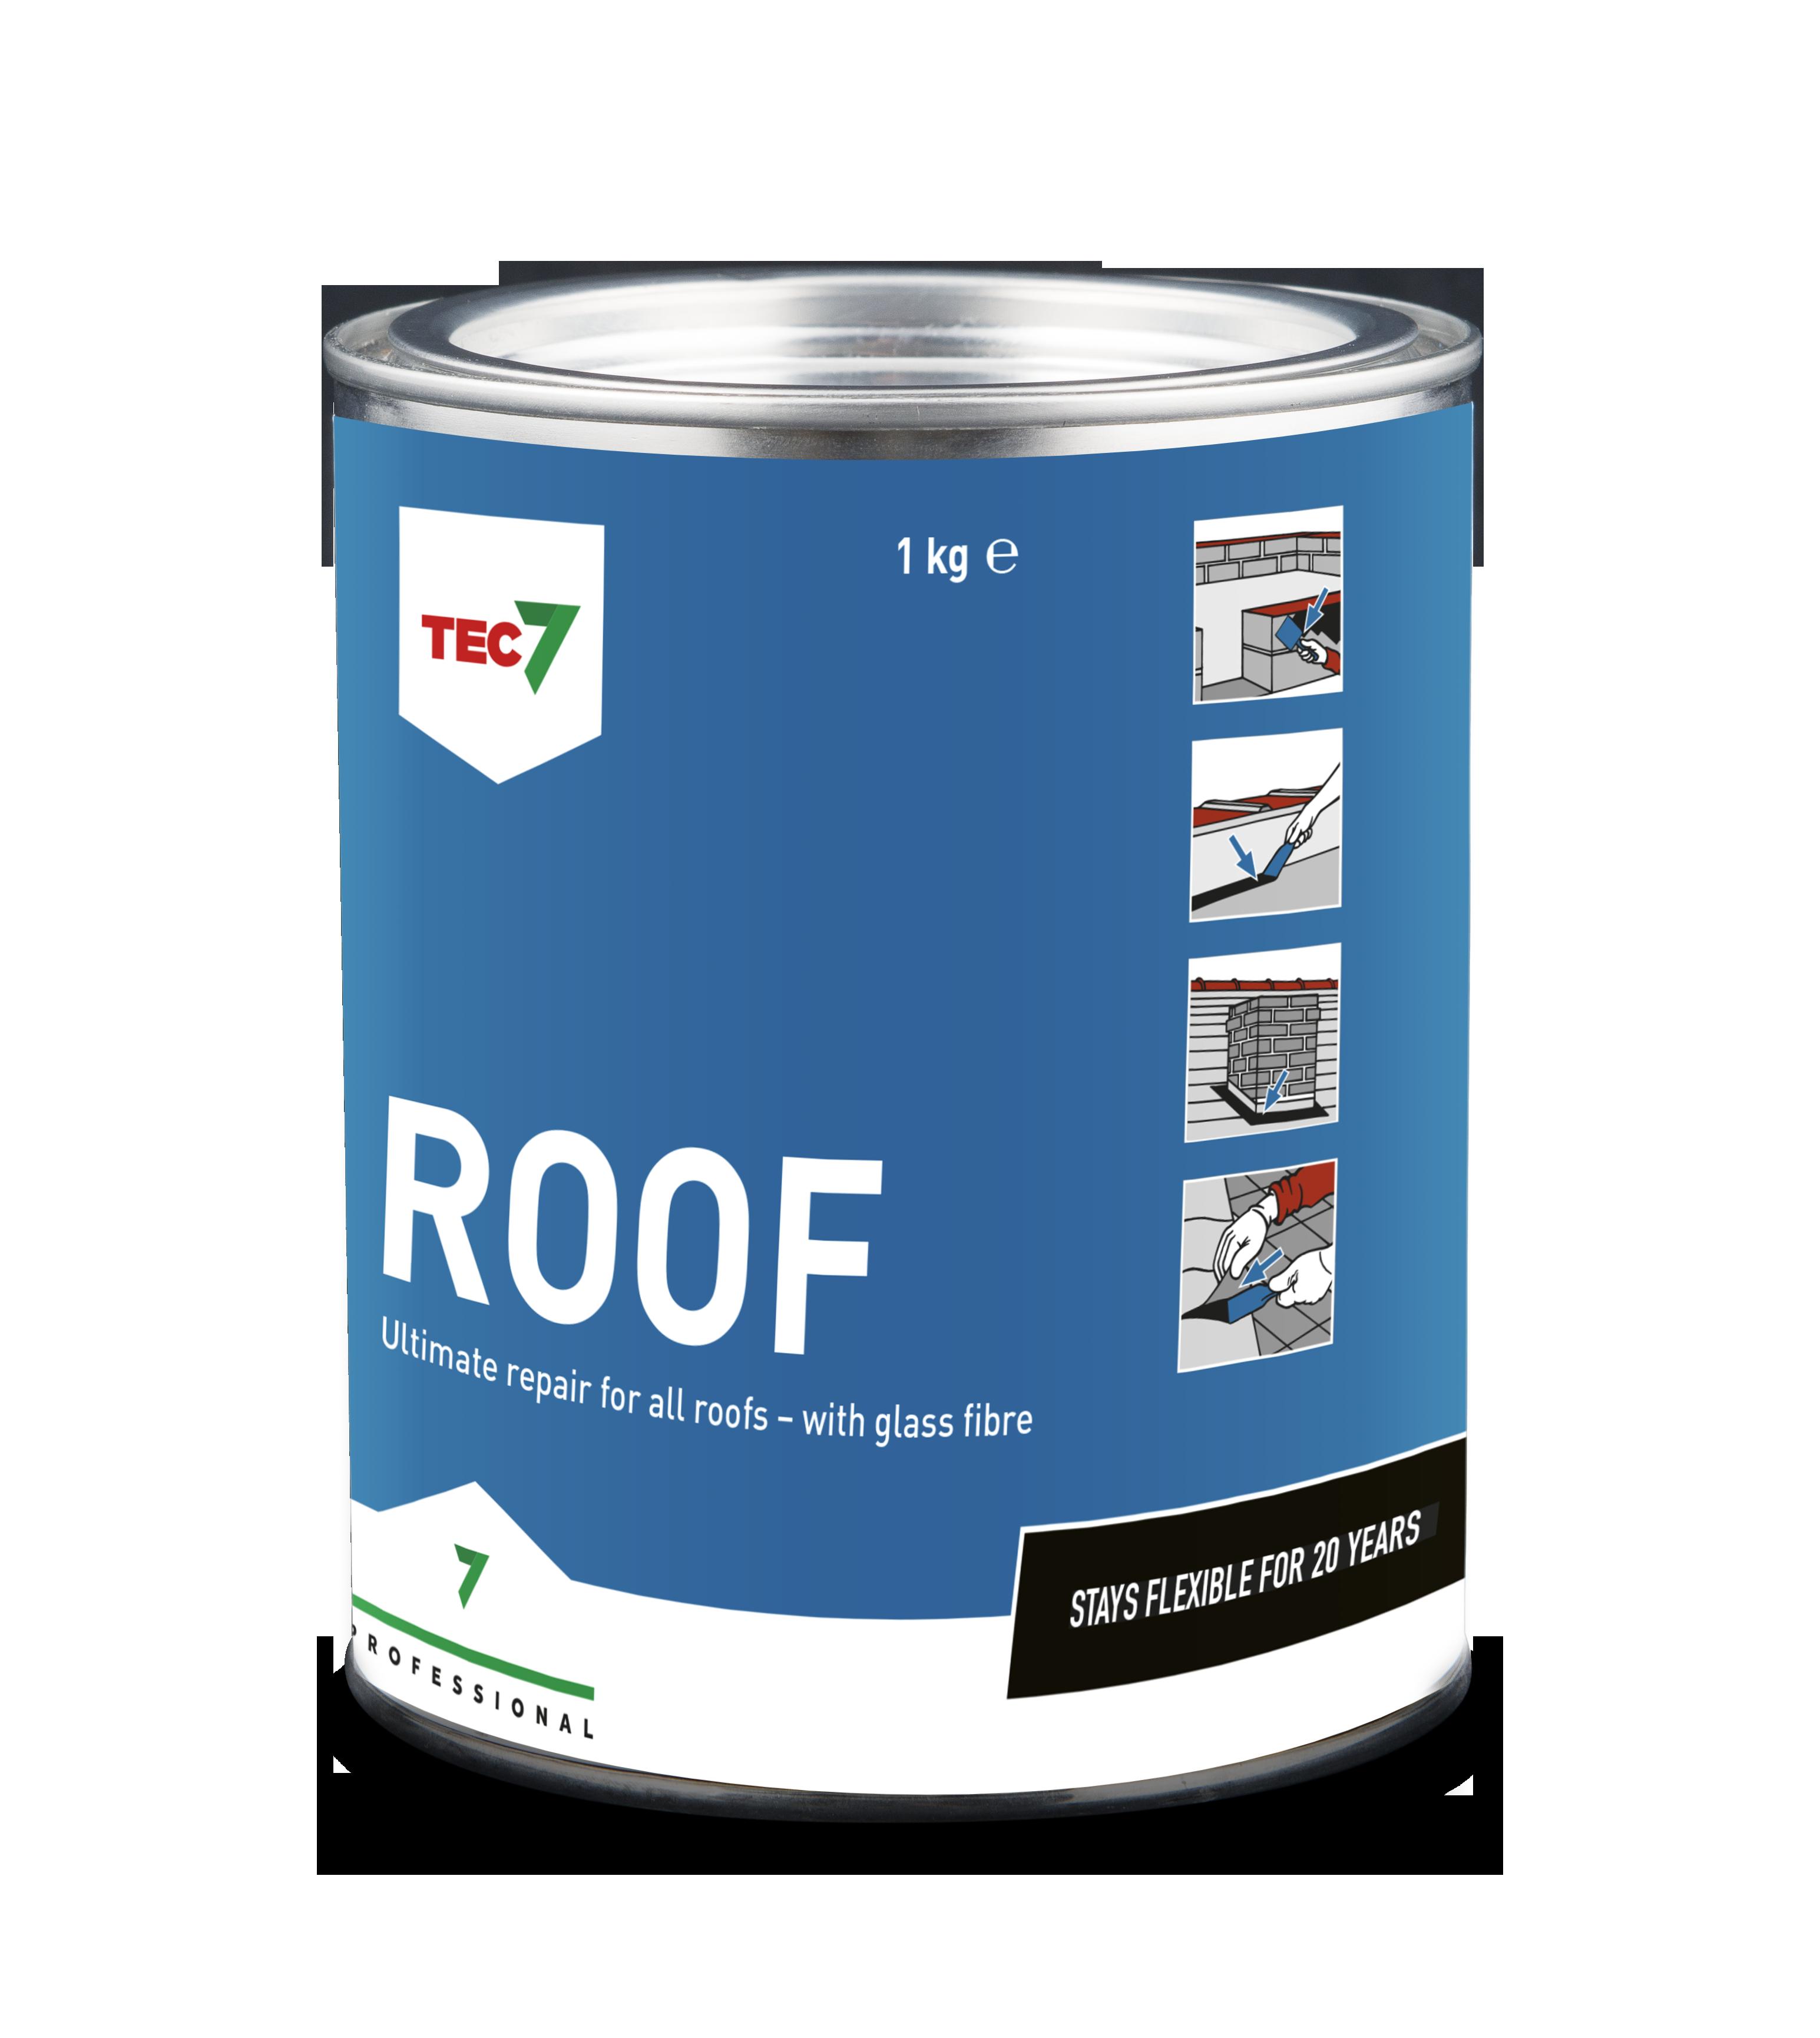 Roof 7 1kg